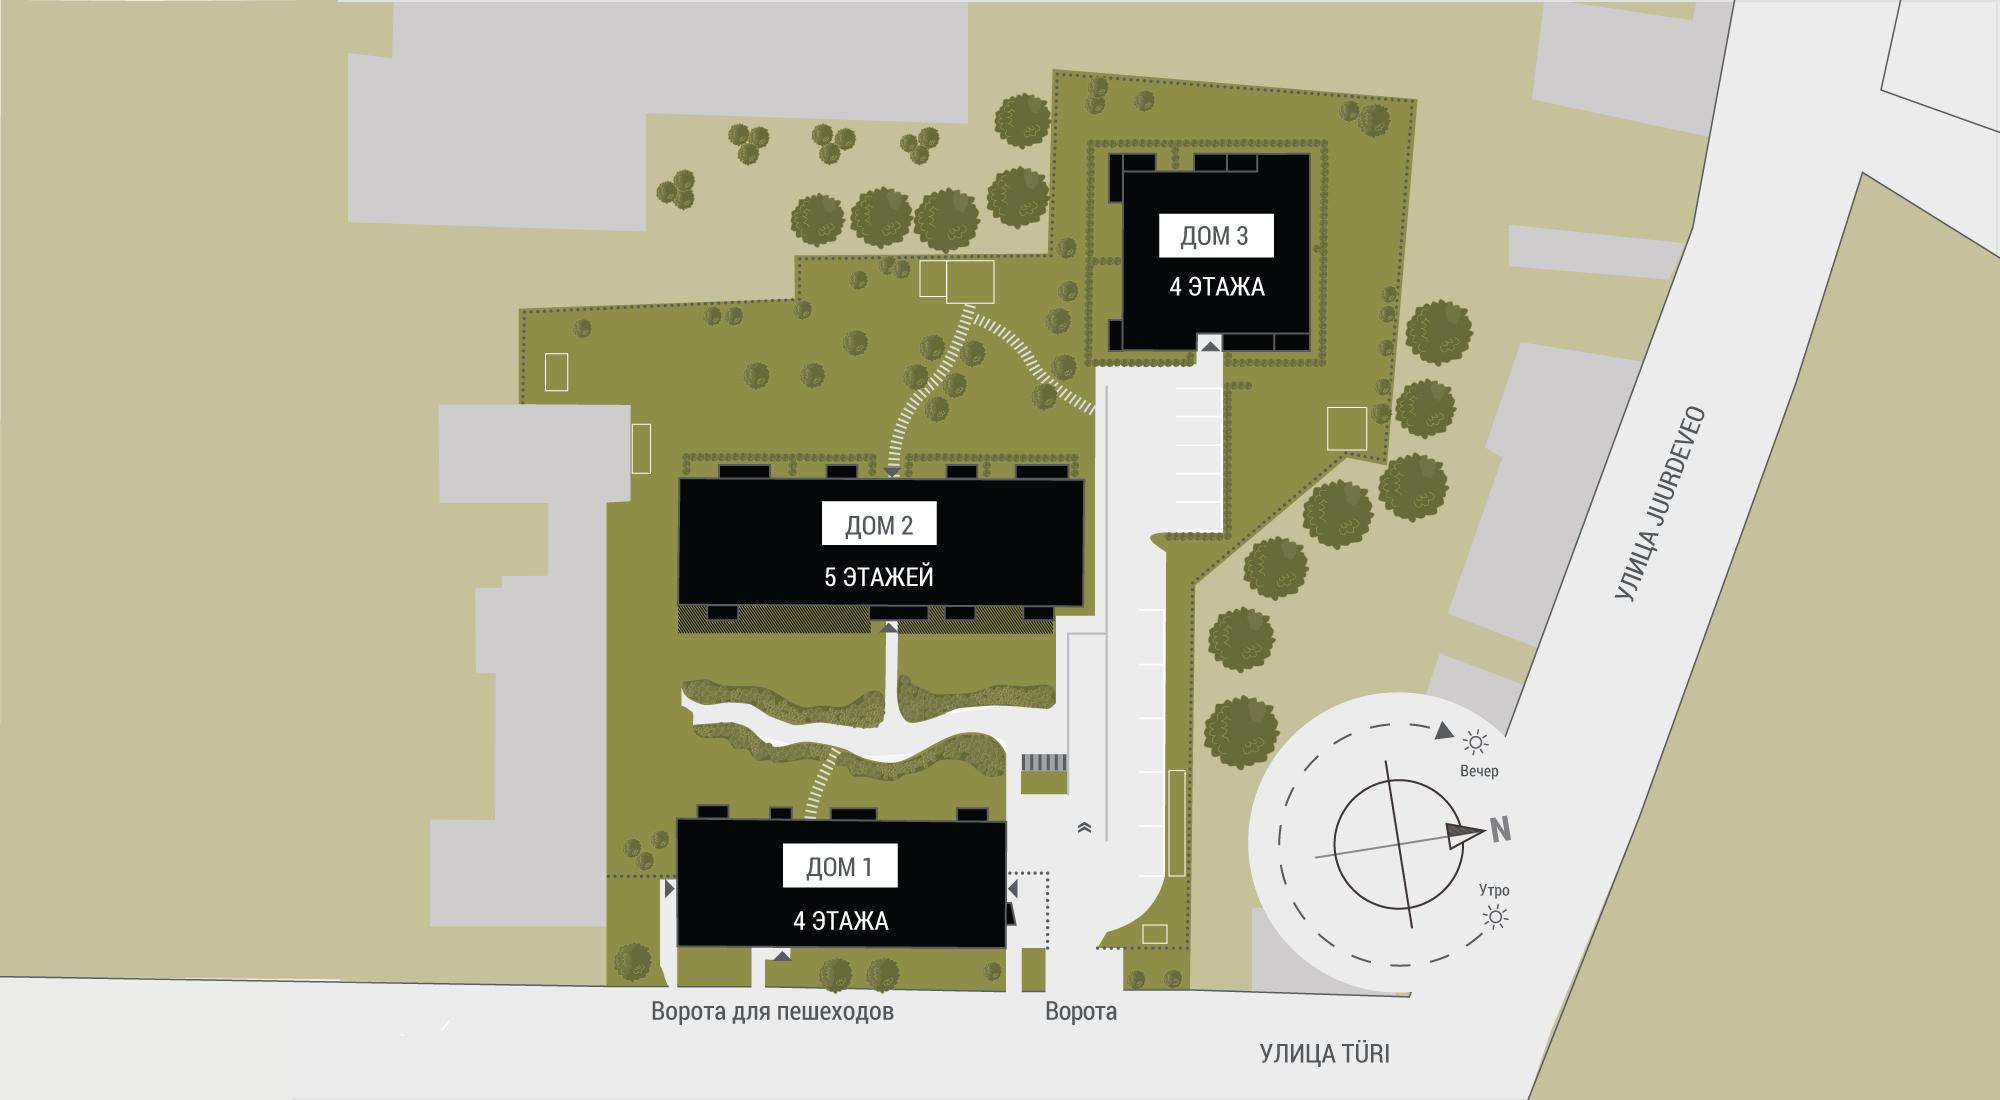 VT courtyard plan